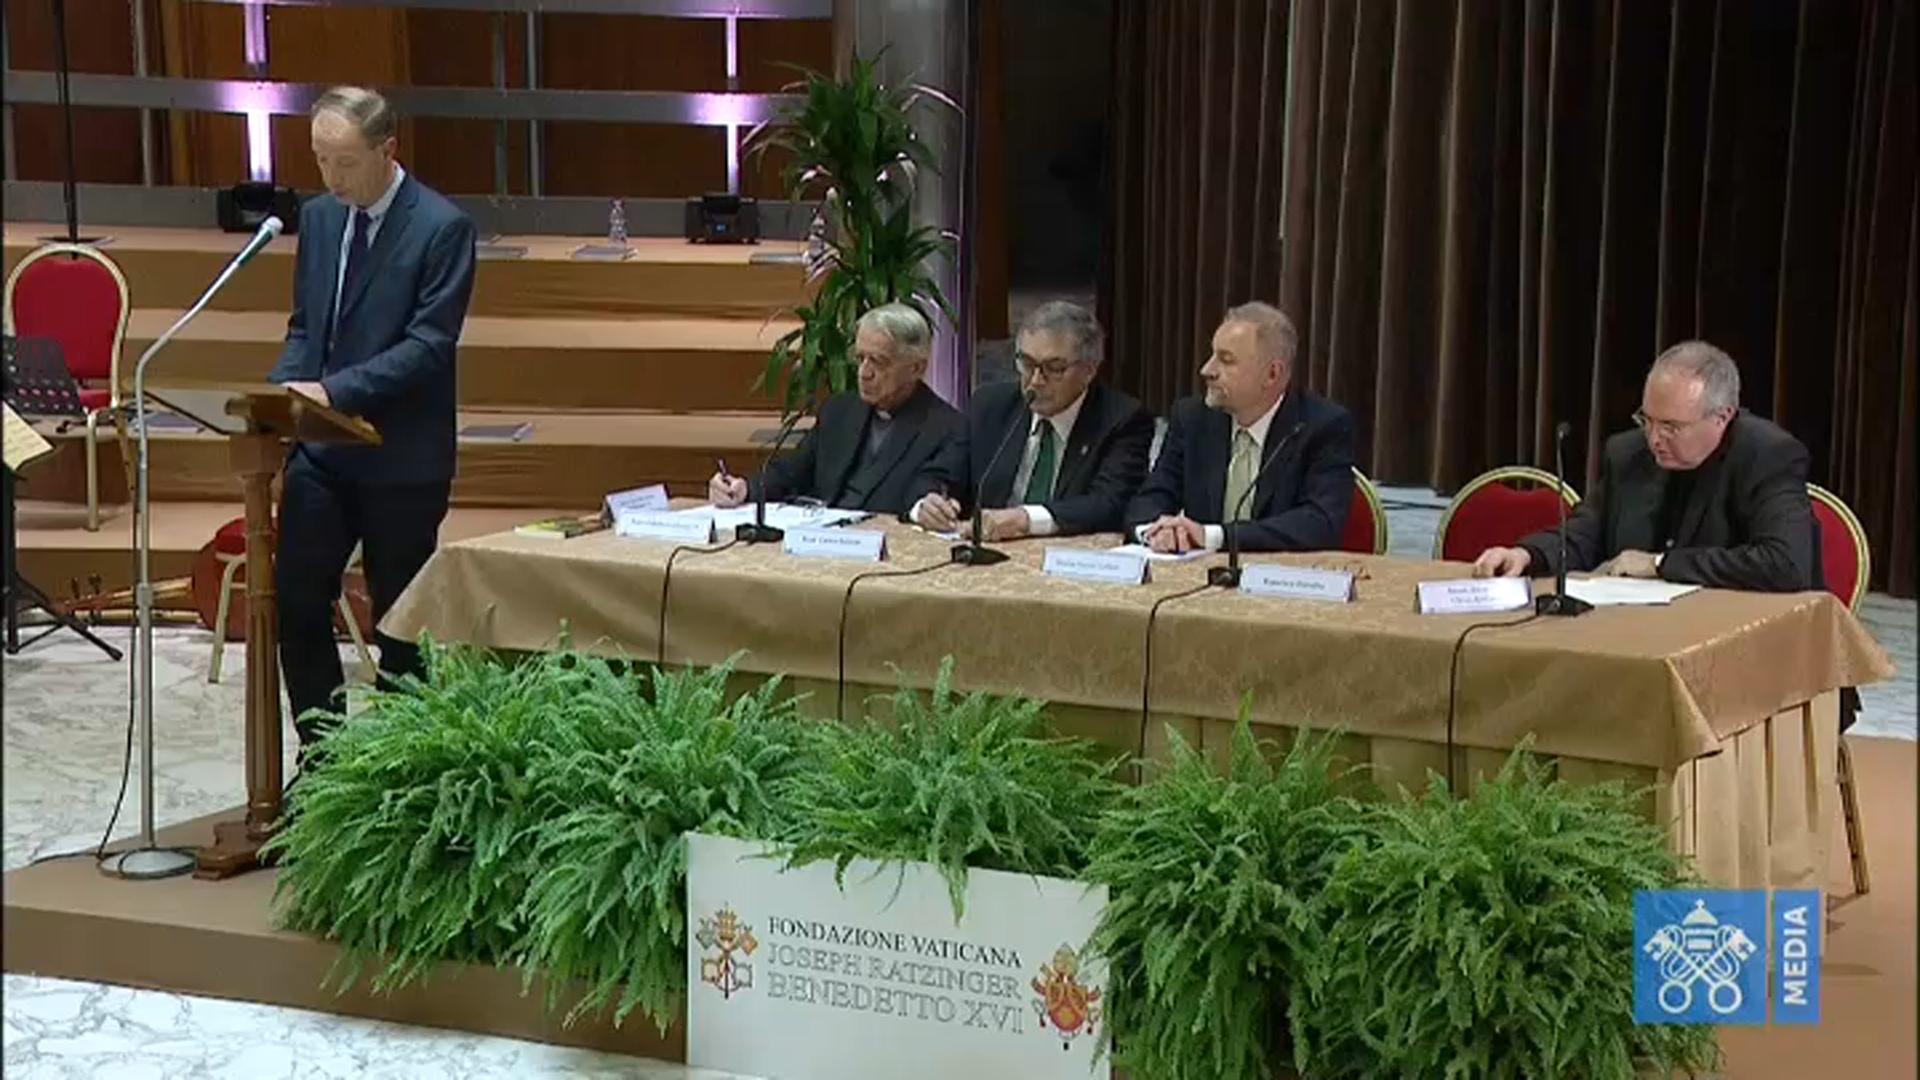 Ecclesia - Al Sinodo iniziano i lavori in plenaria. E un gruppo di padri Sinodali rinnova il Patto delle Catacombe del 1965